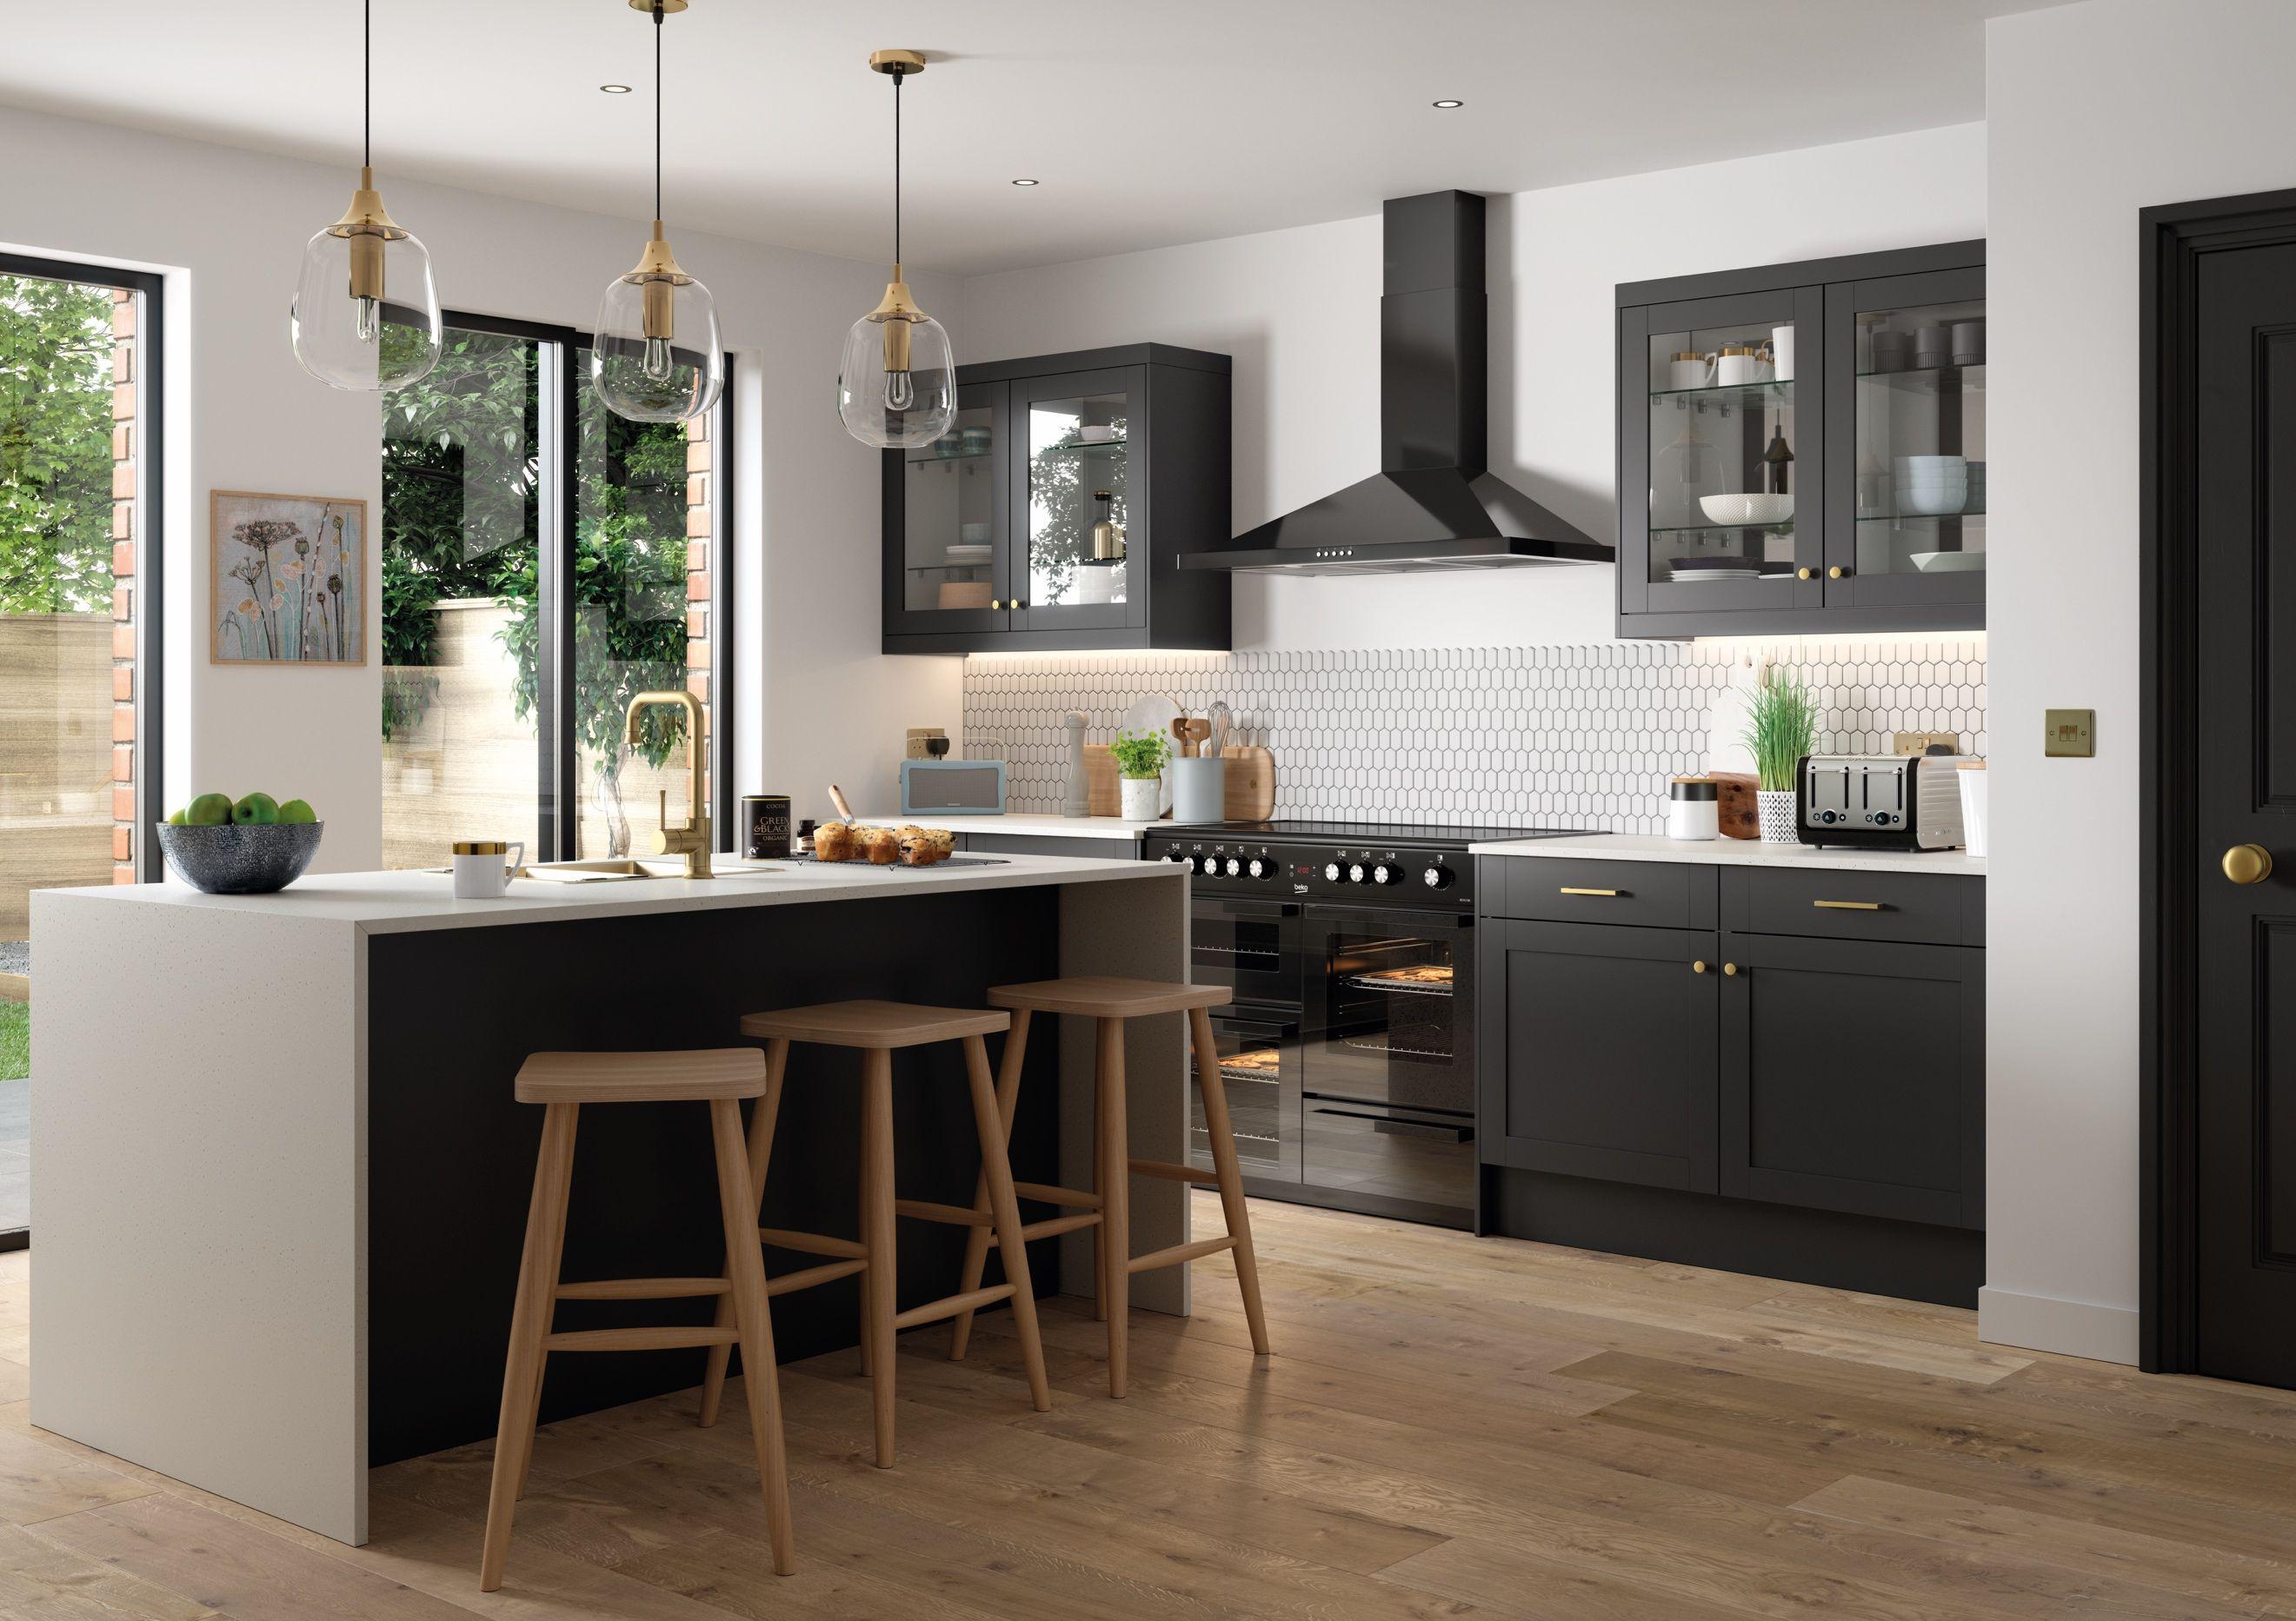 20 Best Kitchen Design Trends 2020 Modern Kitchen Design Ideas